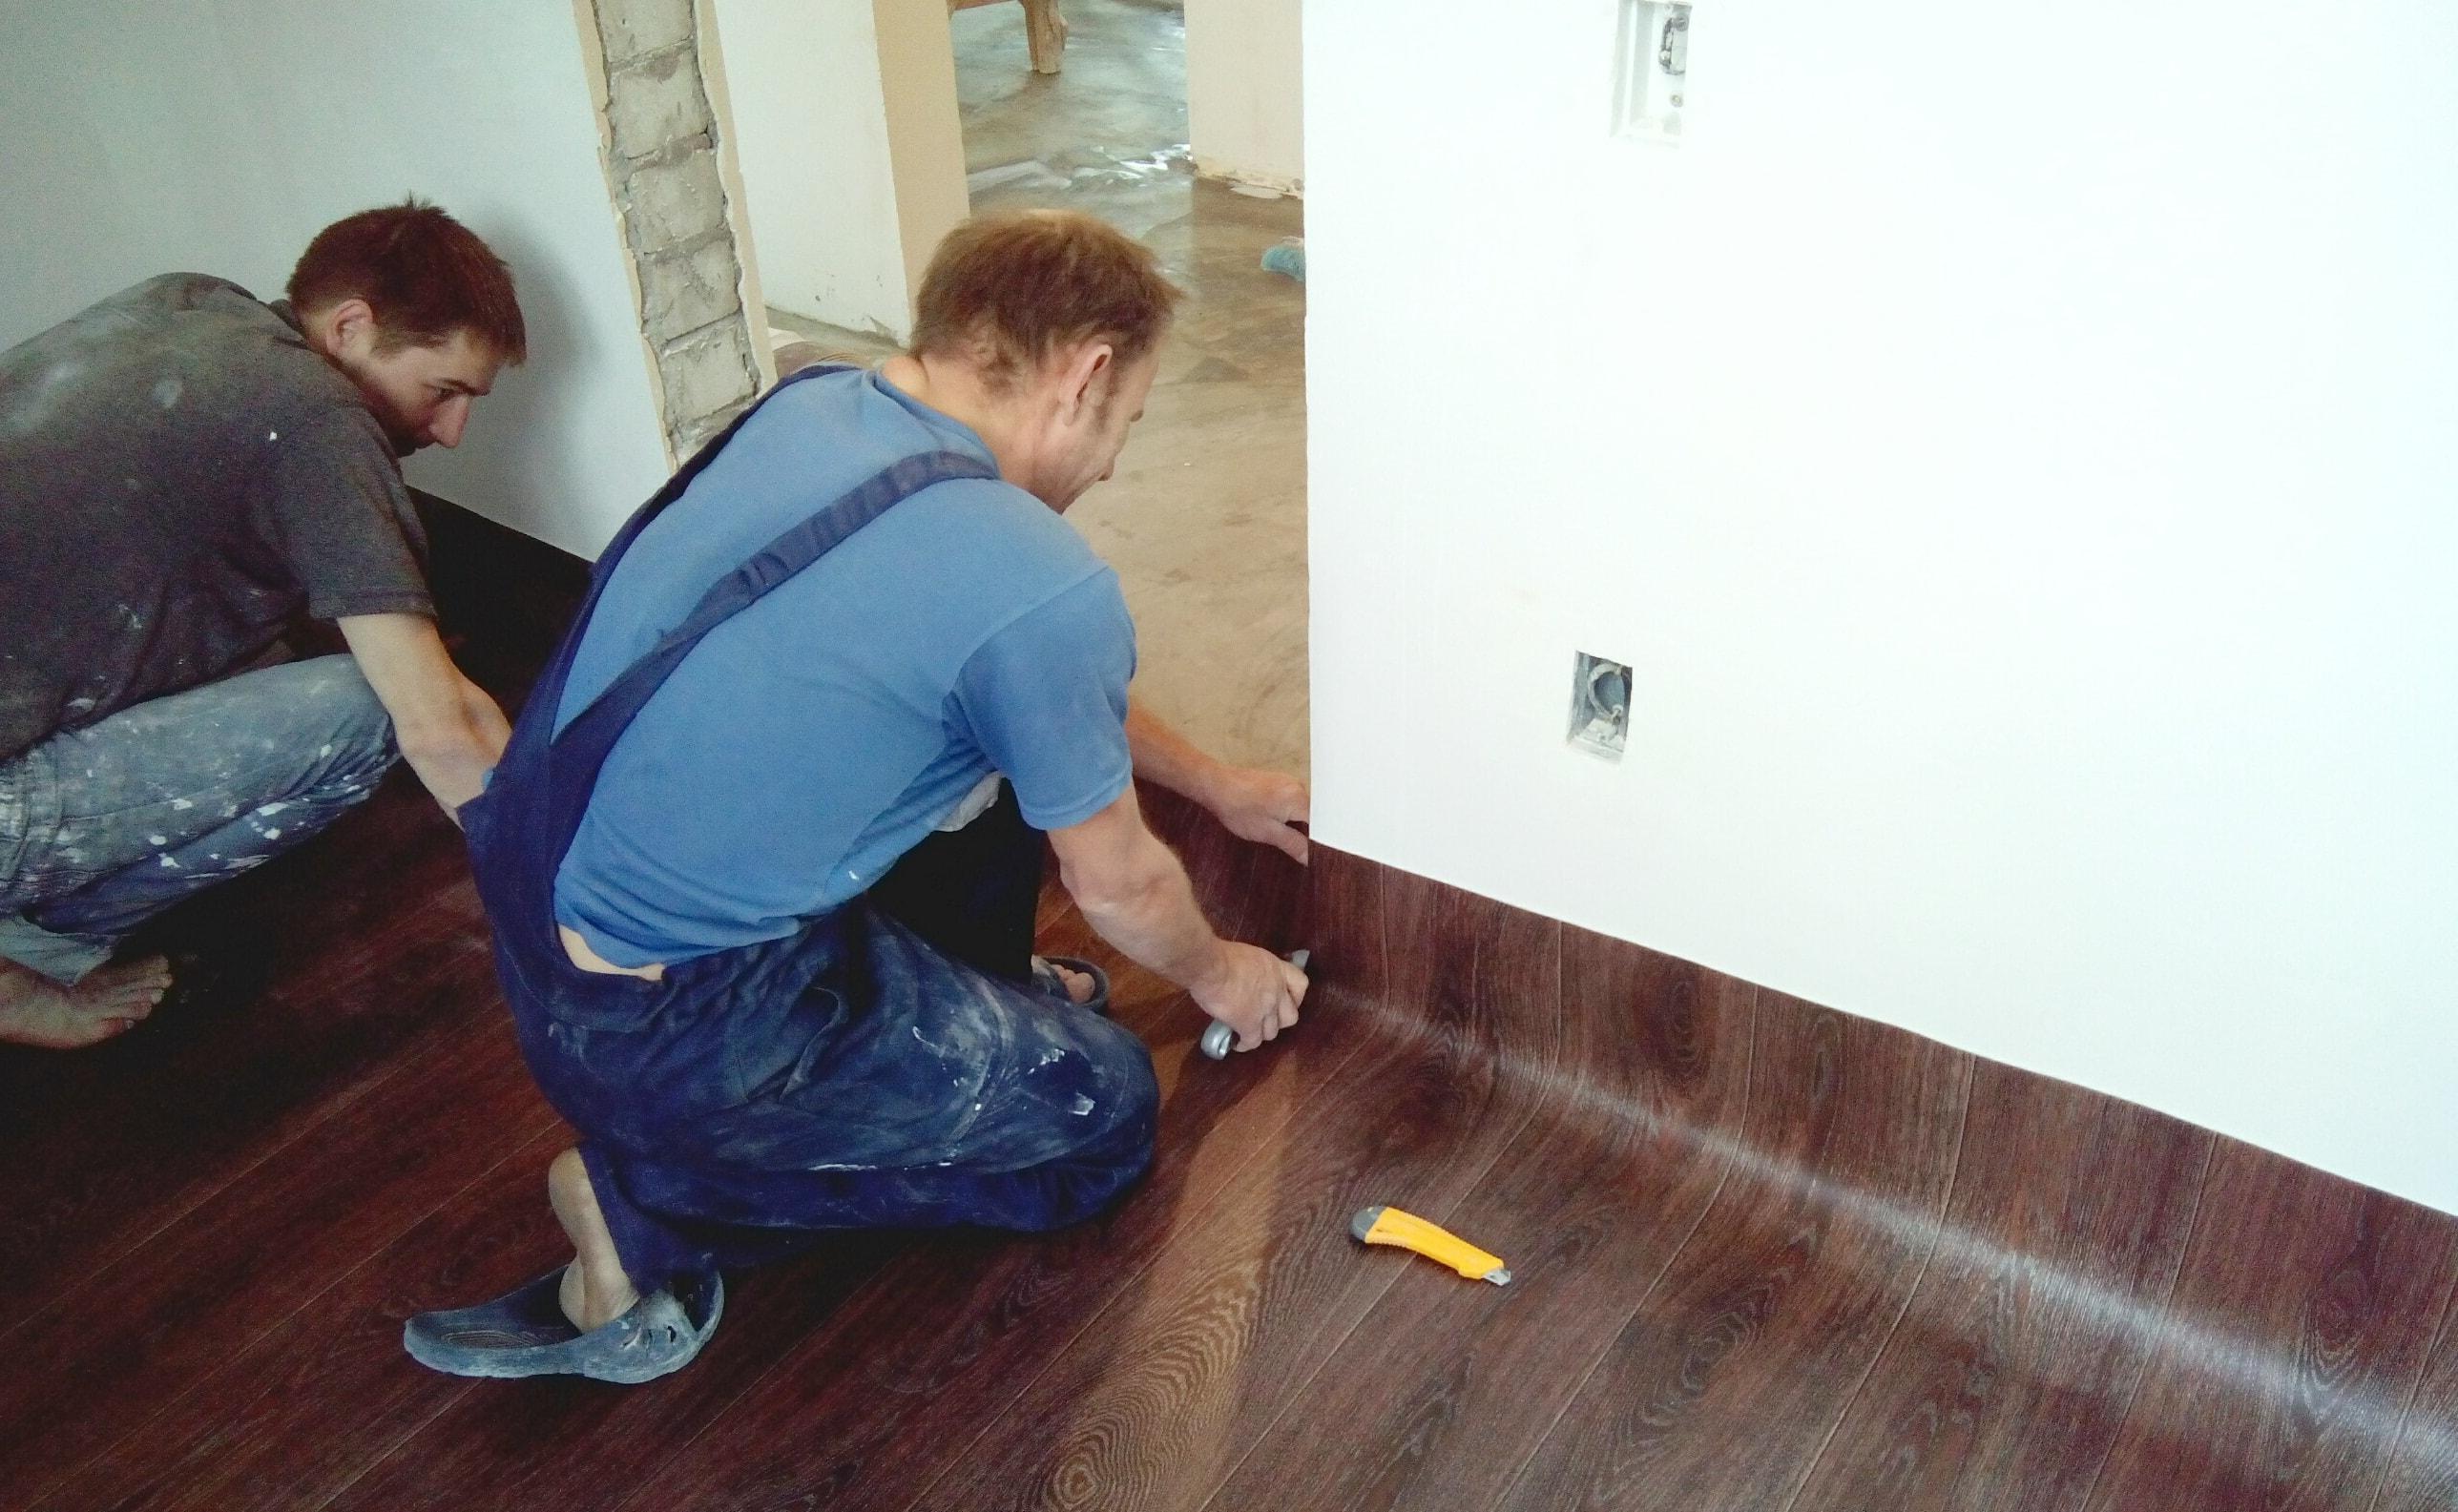 Укладка линолеума на бетонный пол в квартире